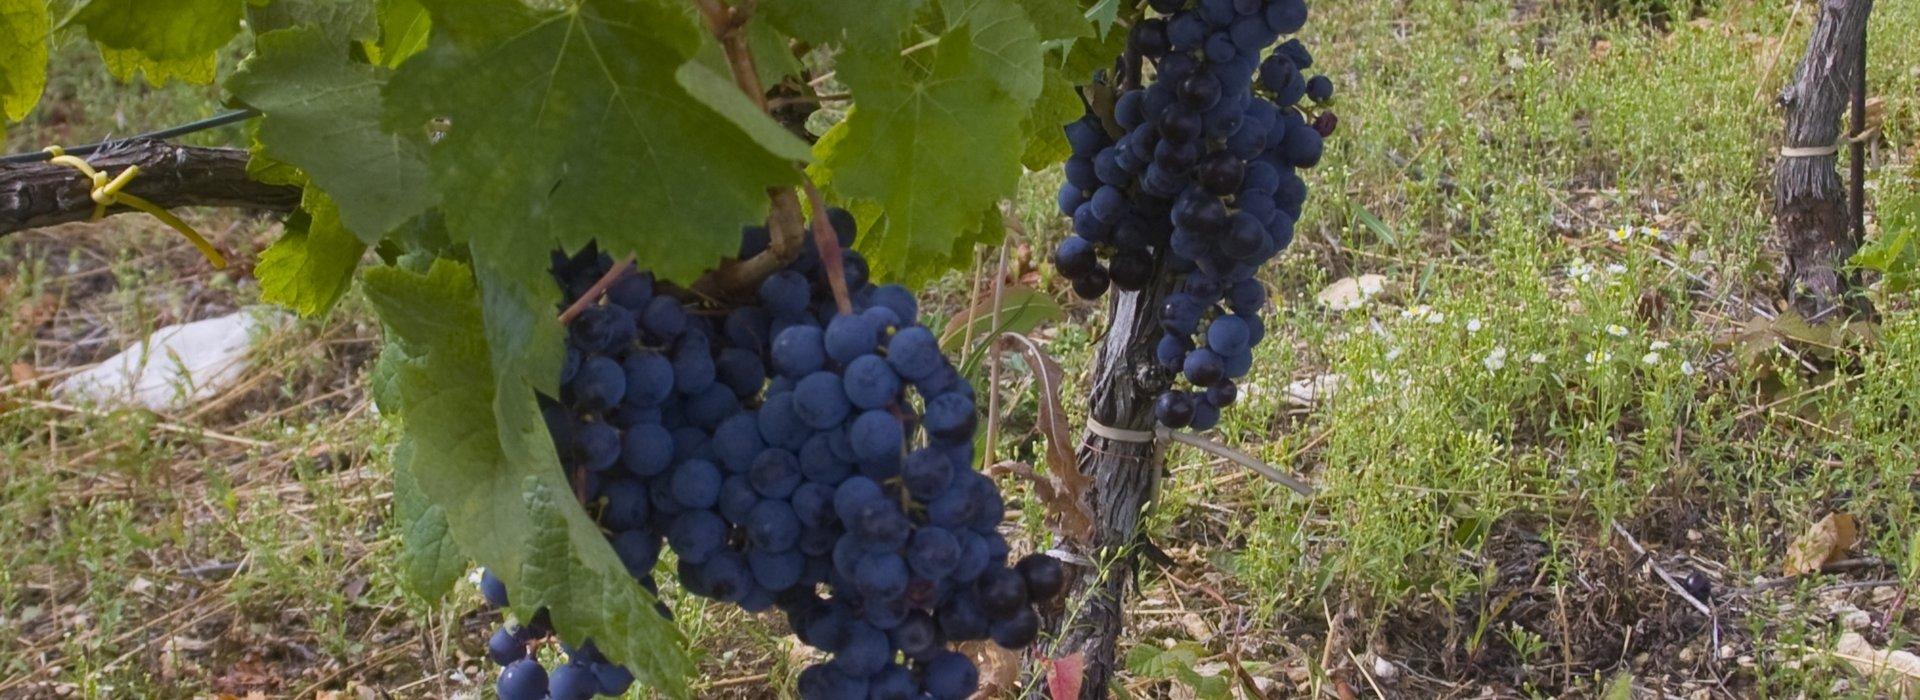 Weingüter